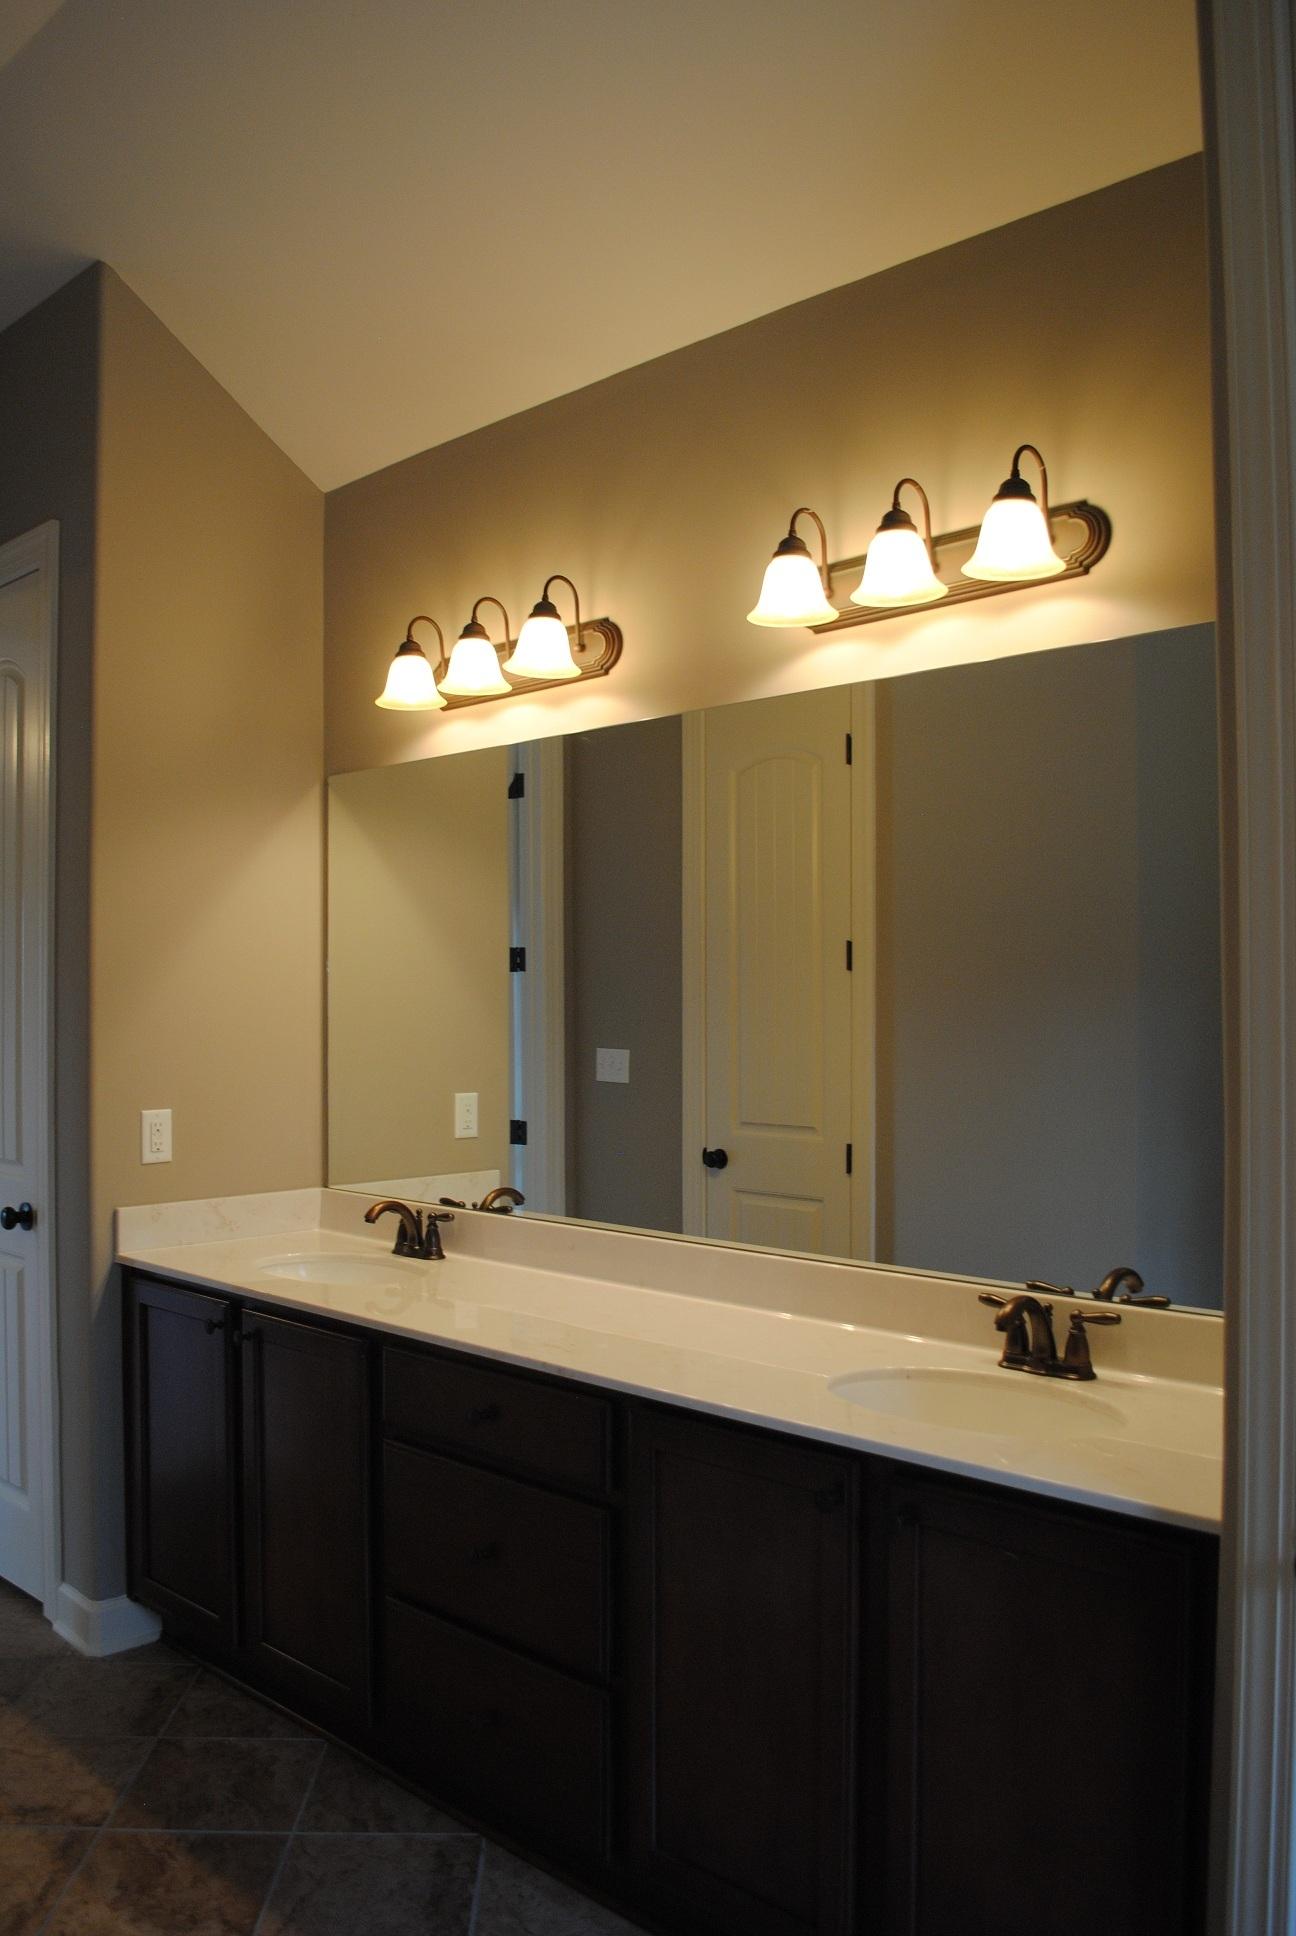 Bathroom Wall Lights Above Mirror